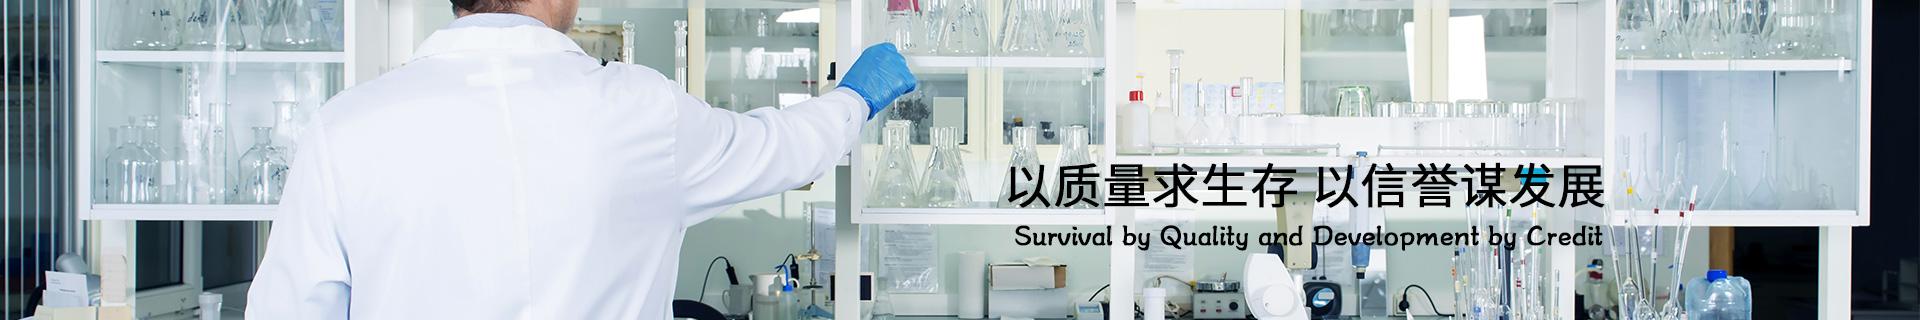 间苯二甲酸-5-磺酸钠